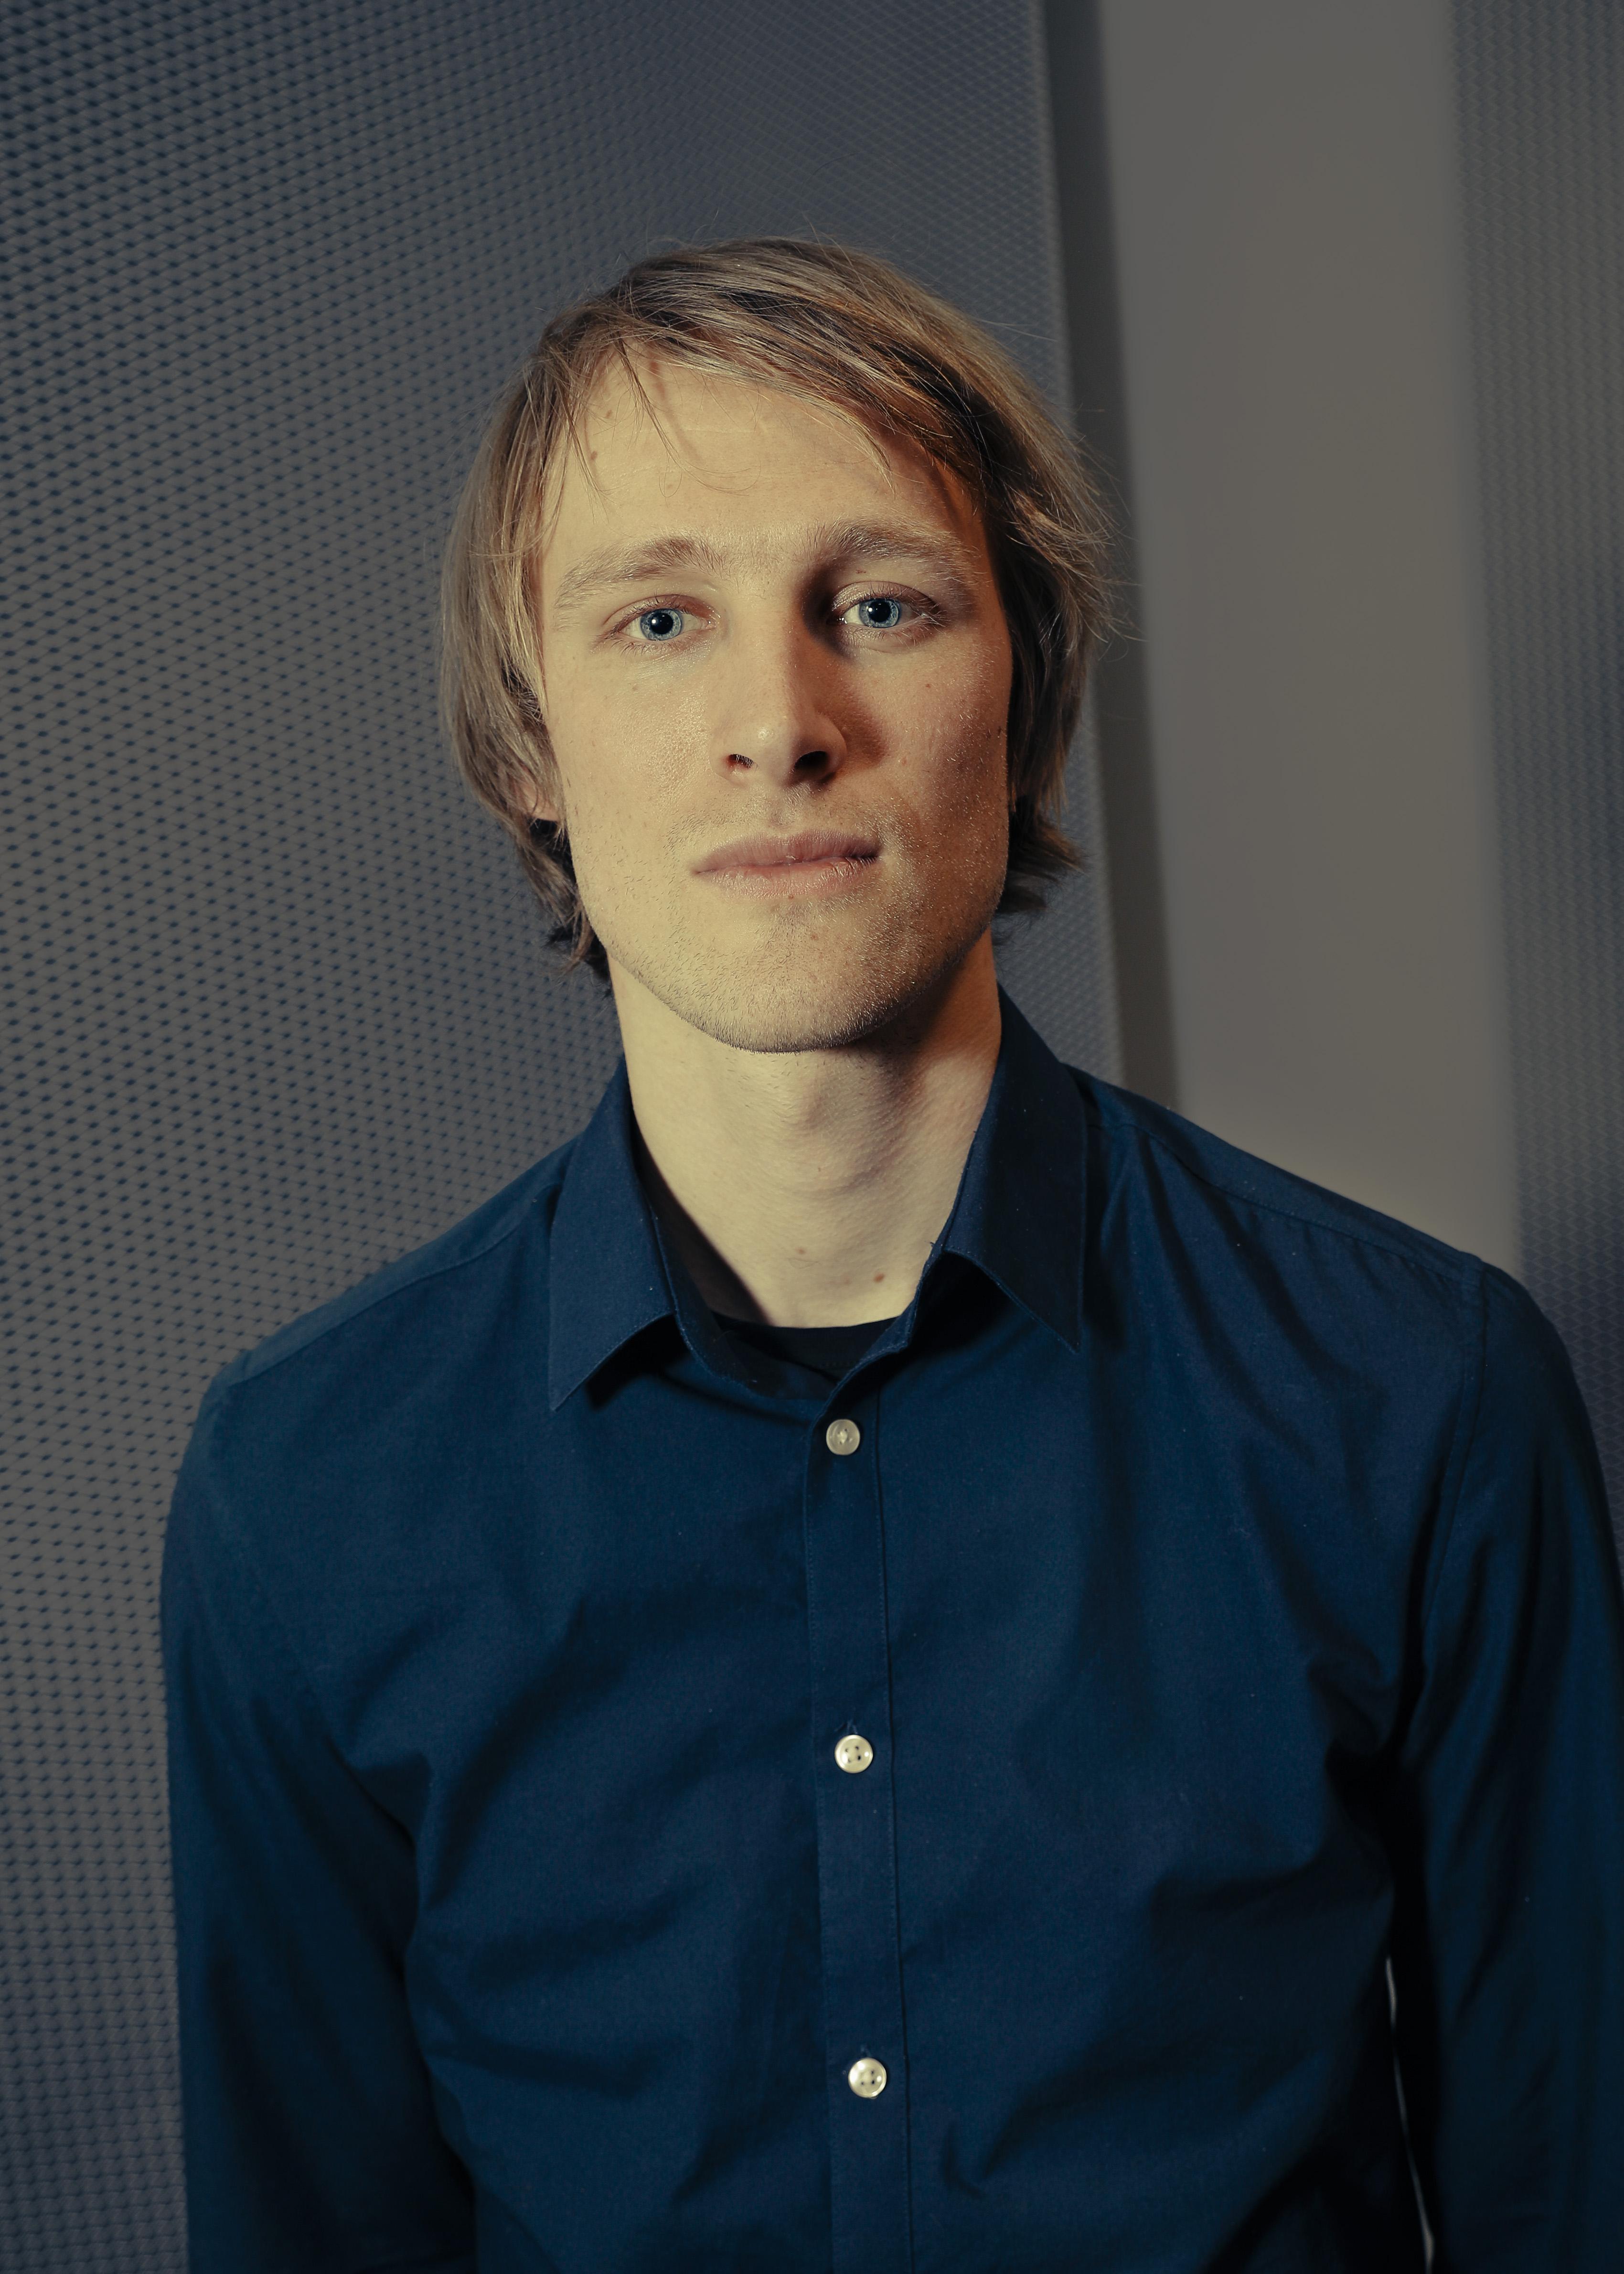 Maarten Vos by Olli-Pekka Orpo | ollipekkaorpo.com